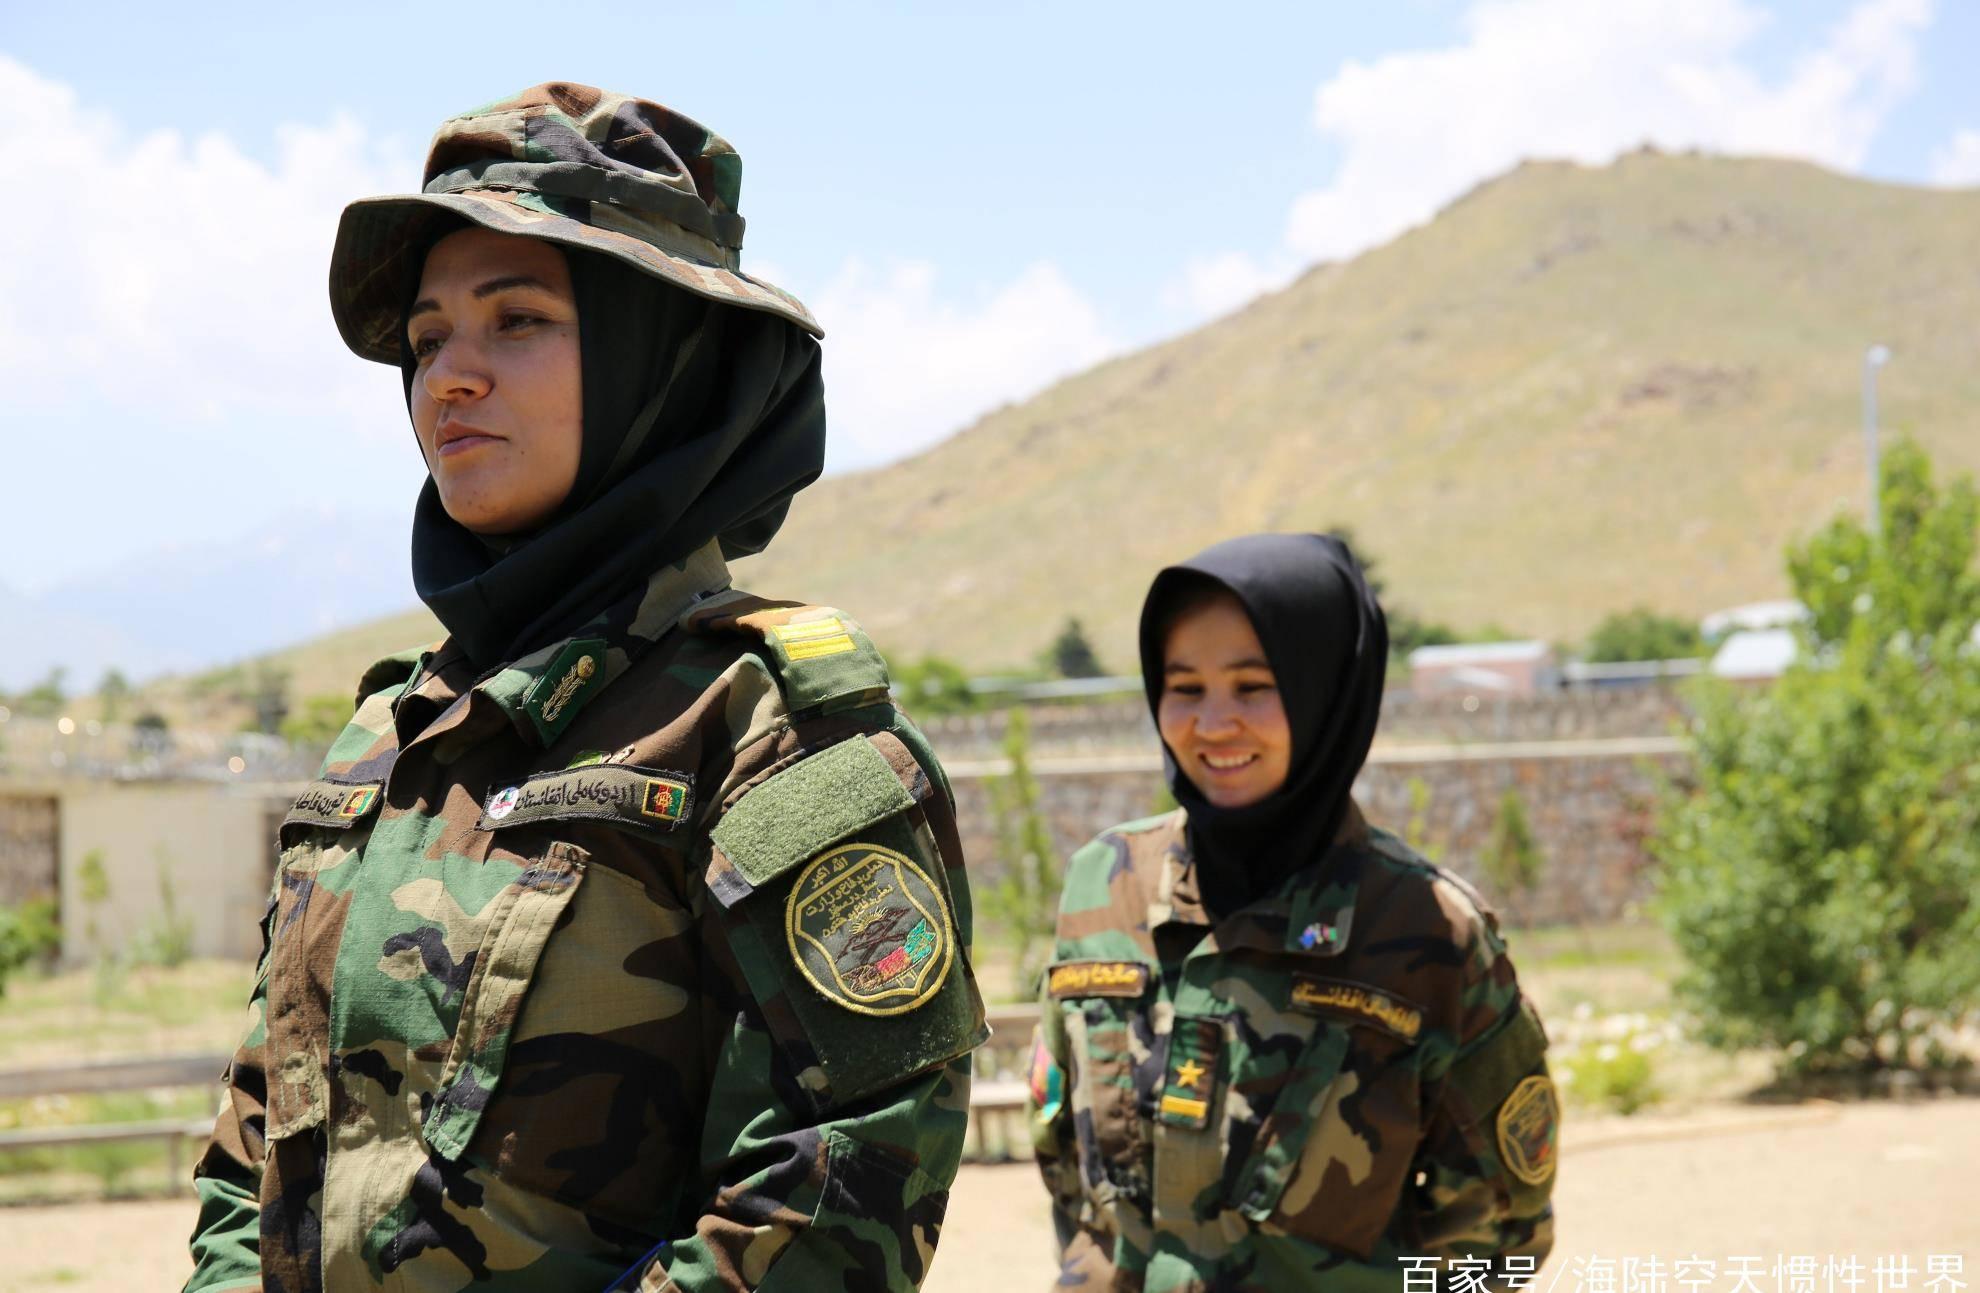 印度军事教官对阿富汗女军官进行性骚扰,阿富汗政府停止了双方的合作计划